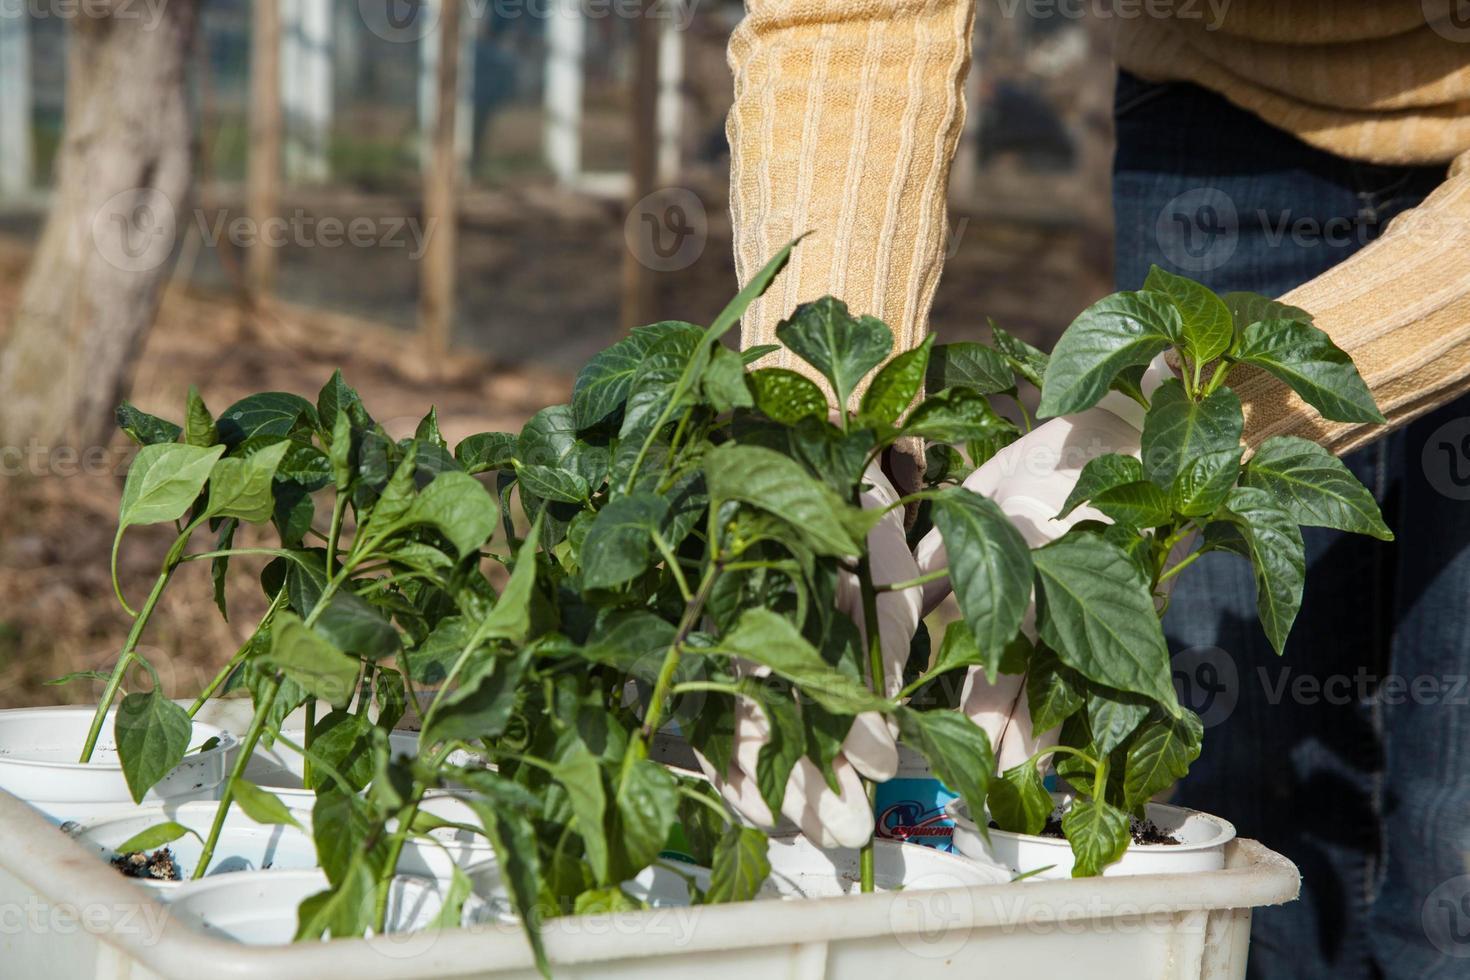 jardinage, concept de plantation photo